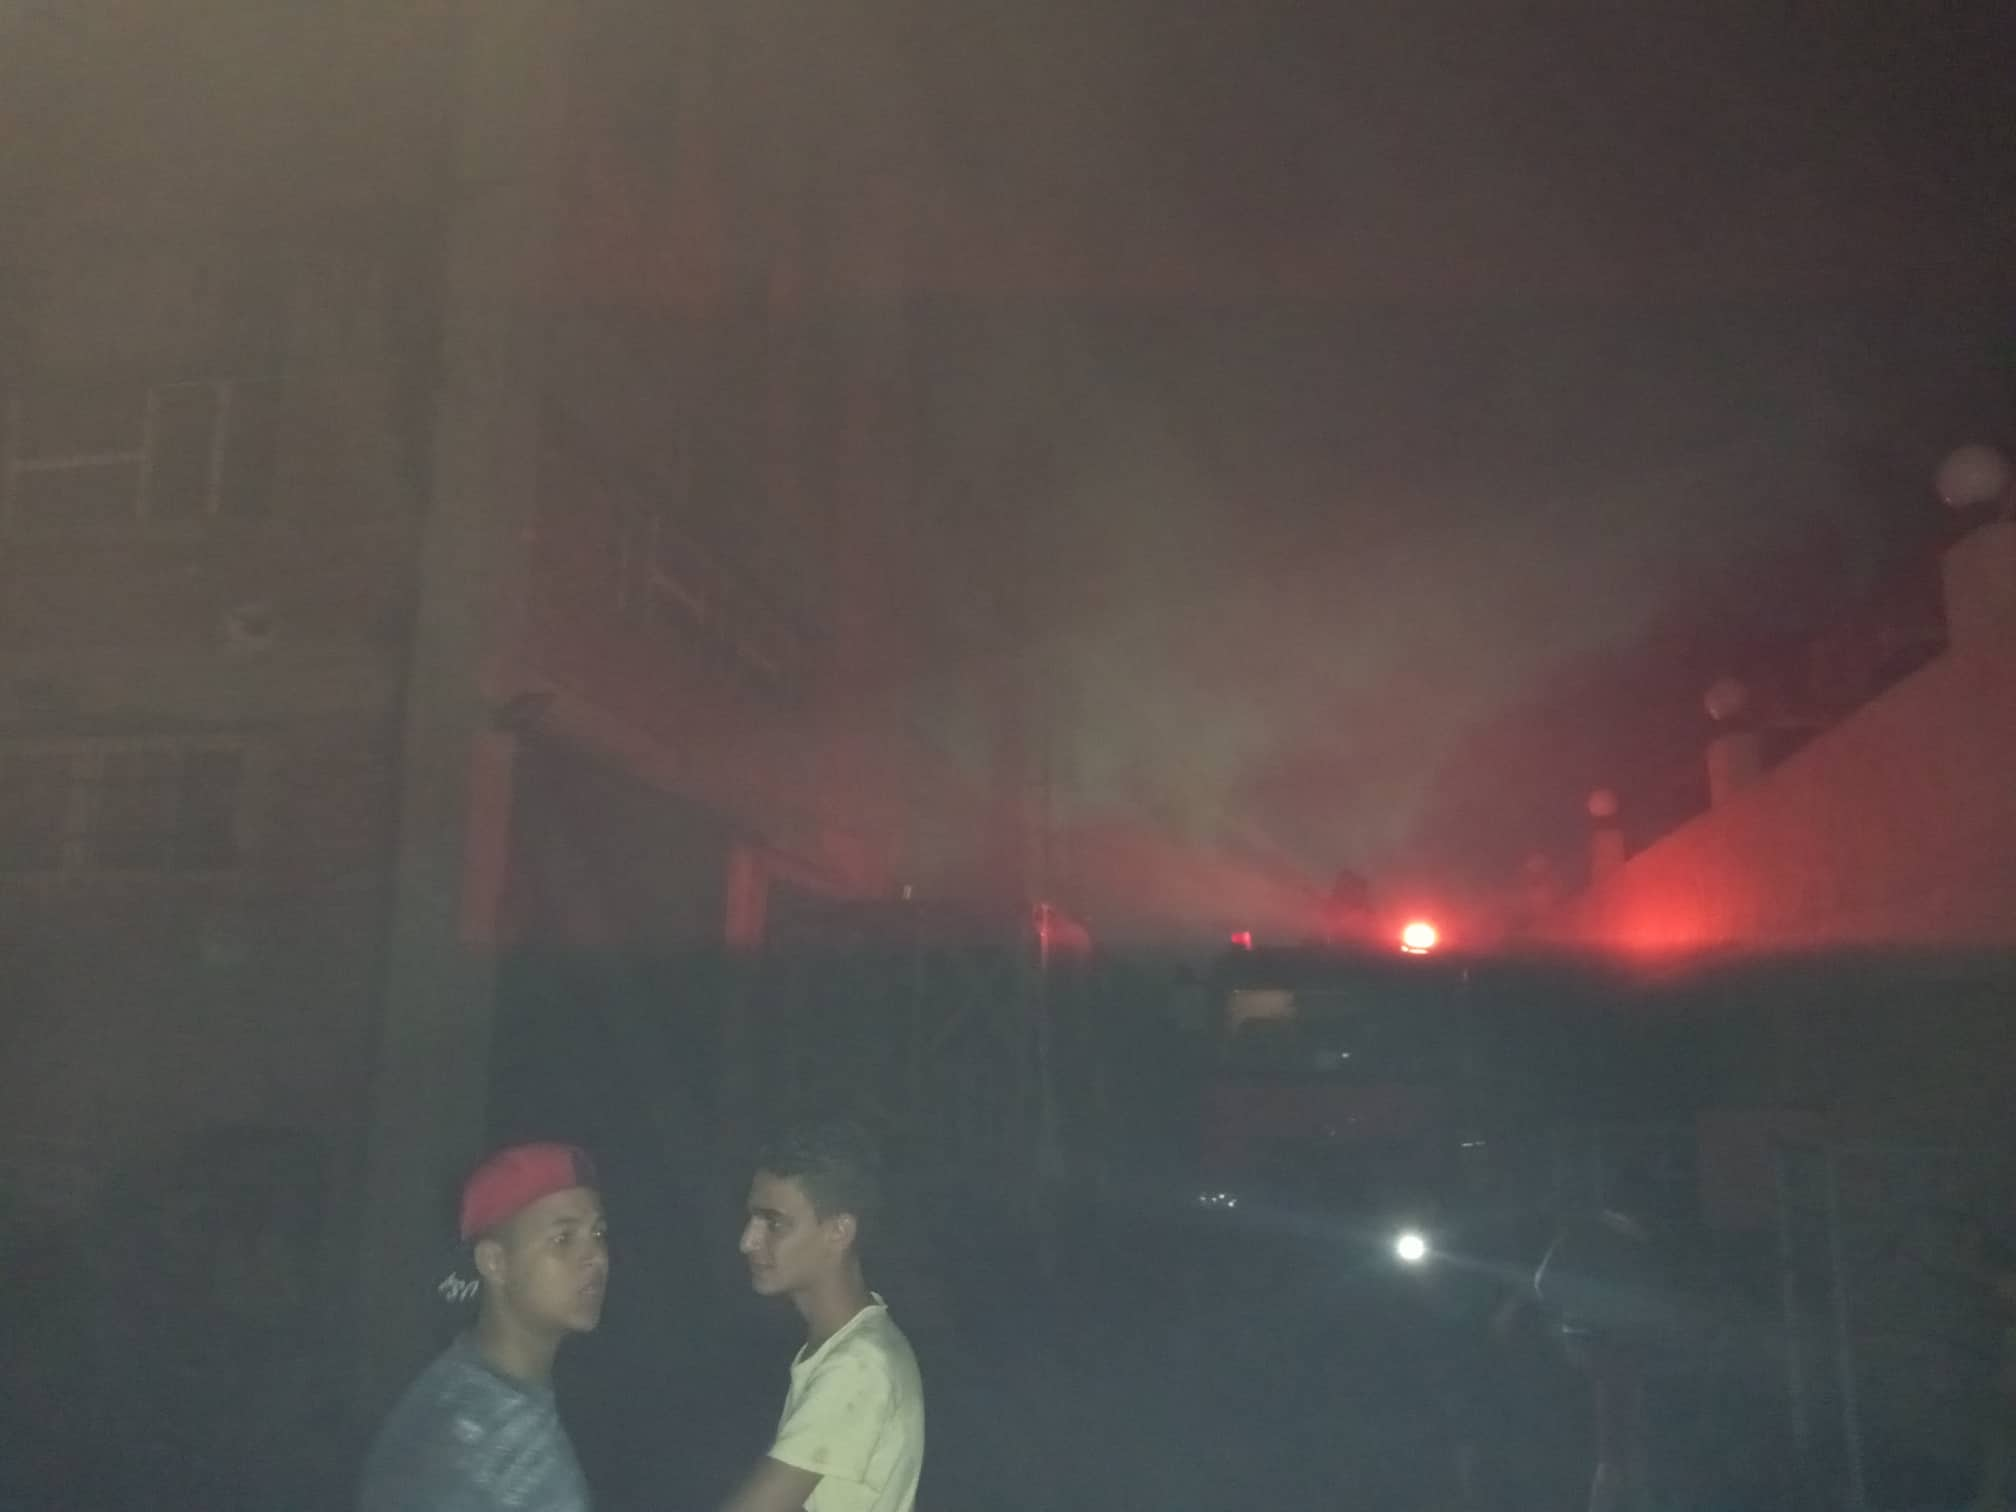 12 سيارة إطفاء للسيطرة على حريق بمصنع أدوات كهربائية بالعاشر من رمضان (4)